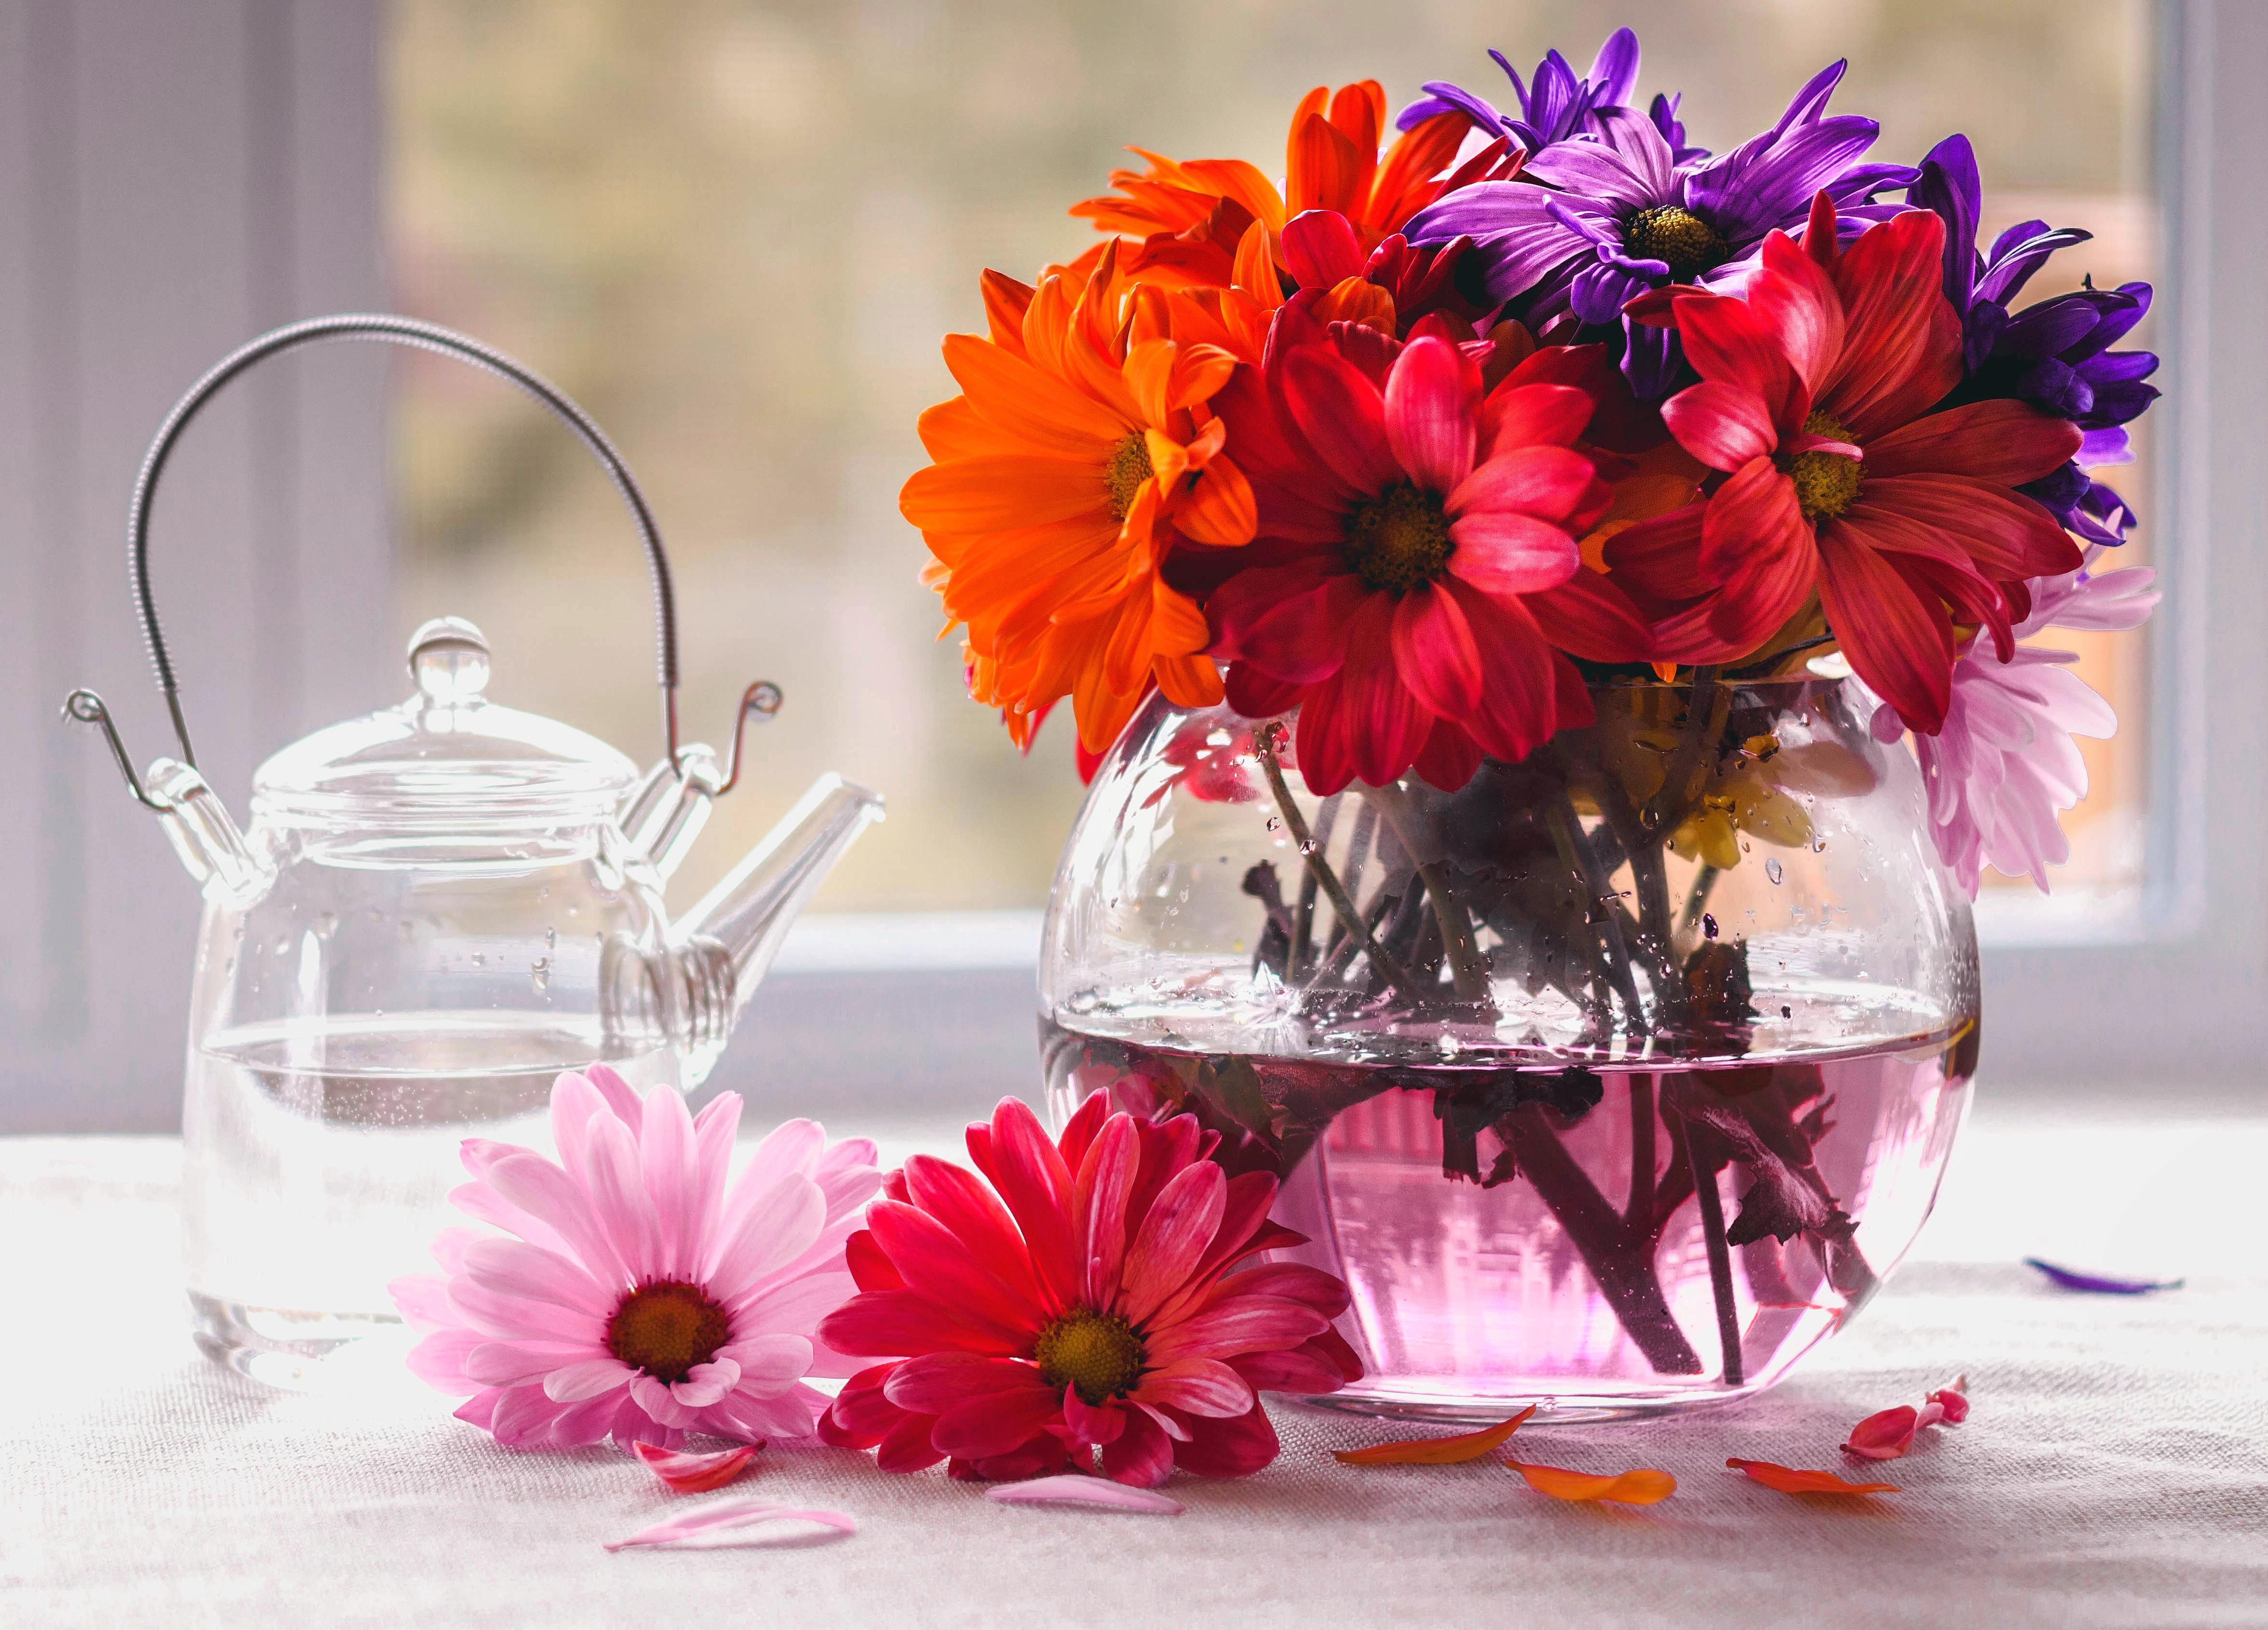 Февраля, красивые картинки с вазами цветов